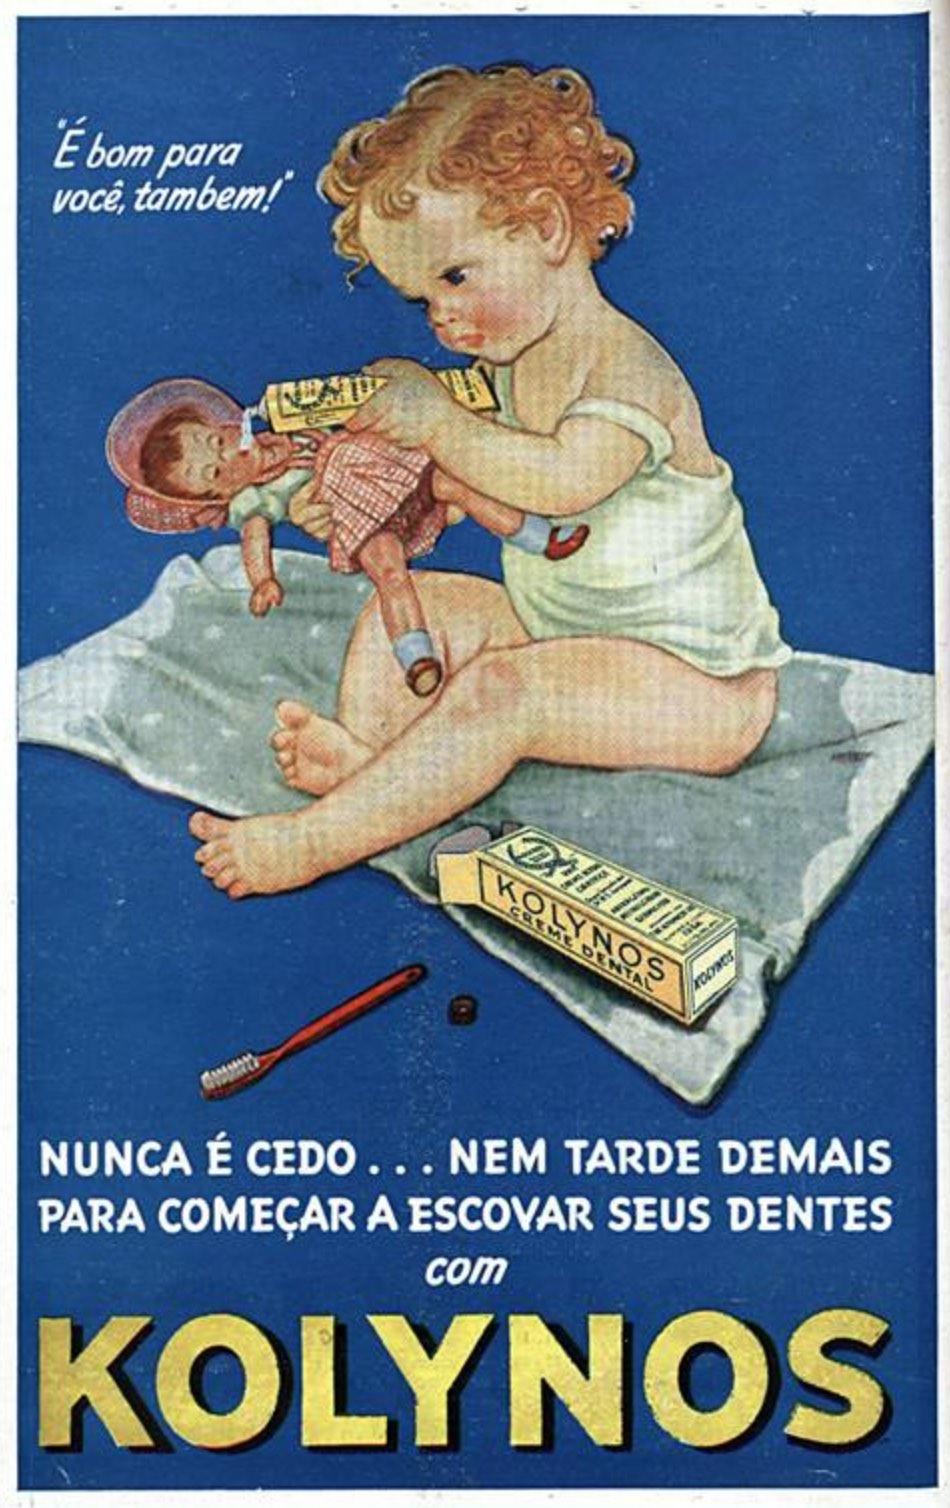 Propaganda antiga do creme dental Kolynos veiculada em 1943